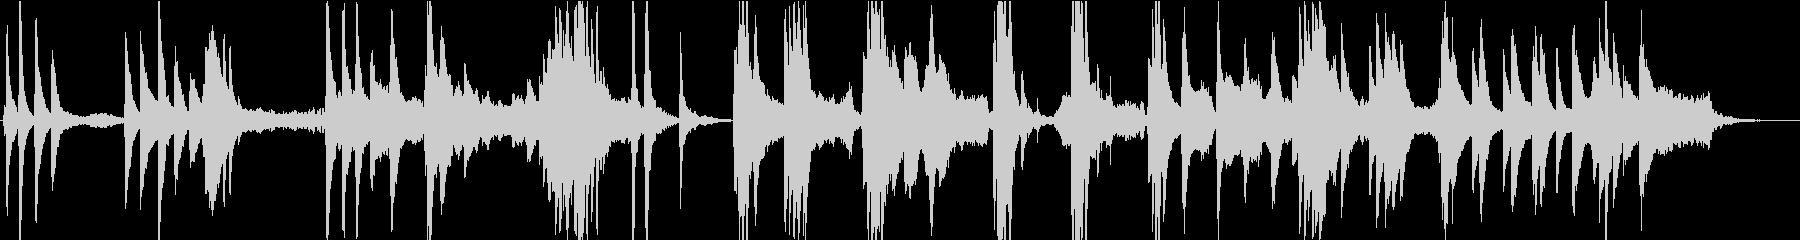 森の泉を感じるピアノ・アンビエントの未再生の波形